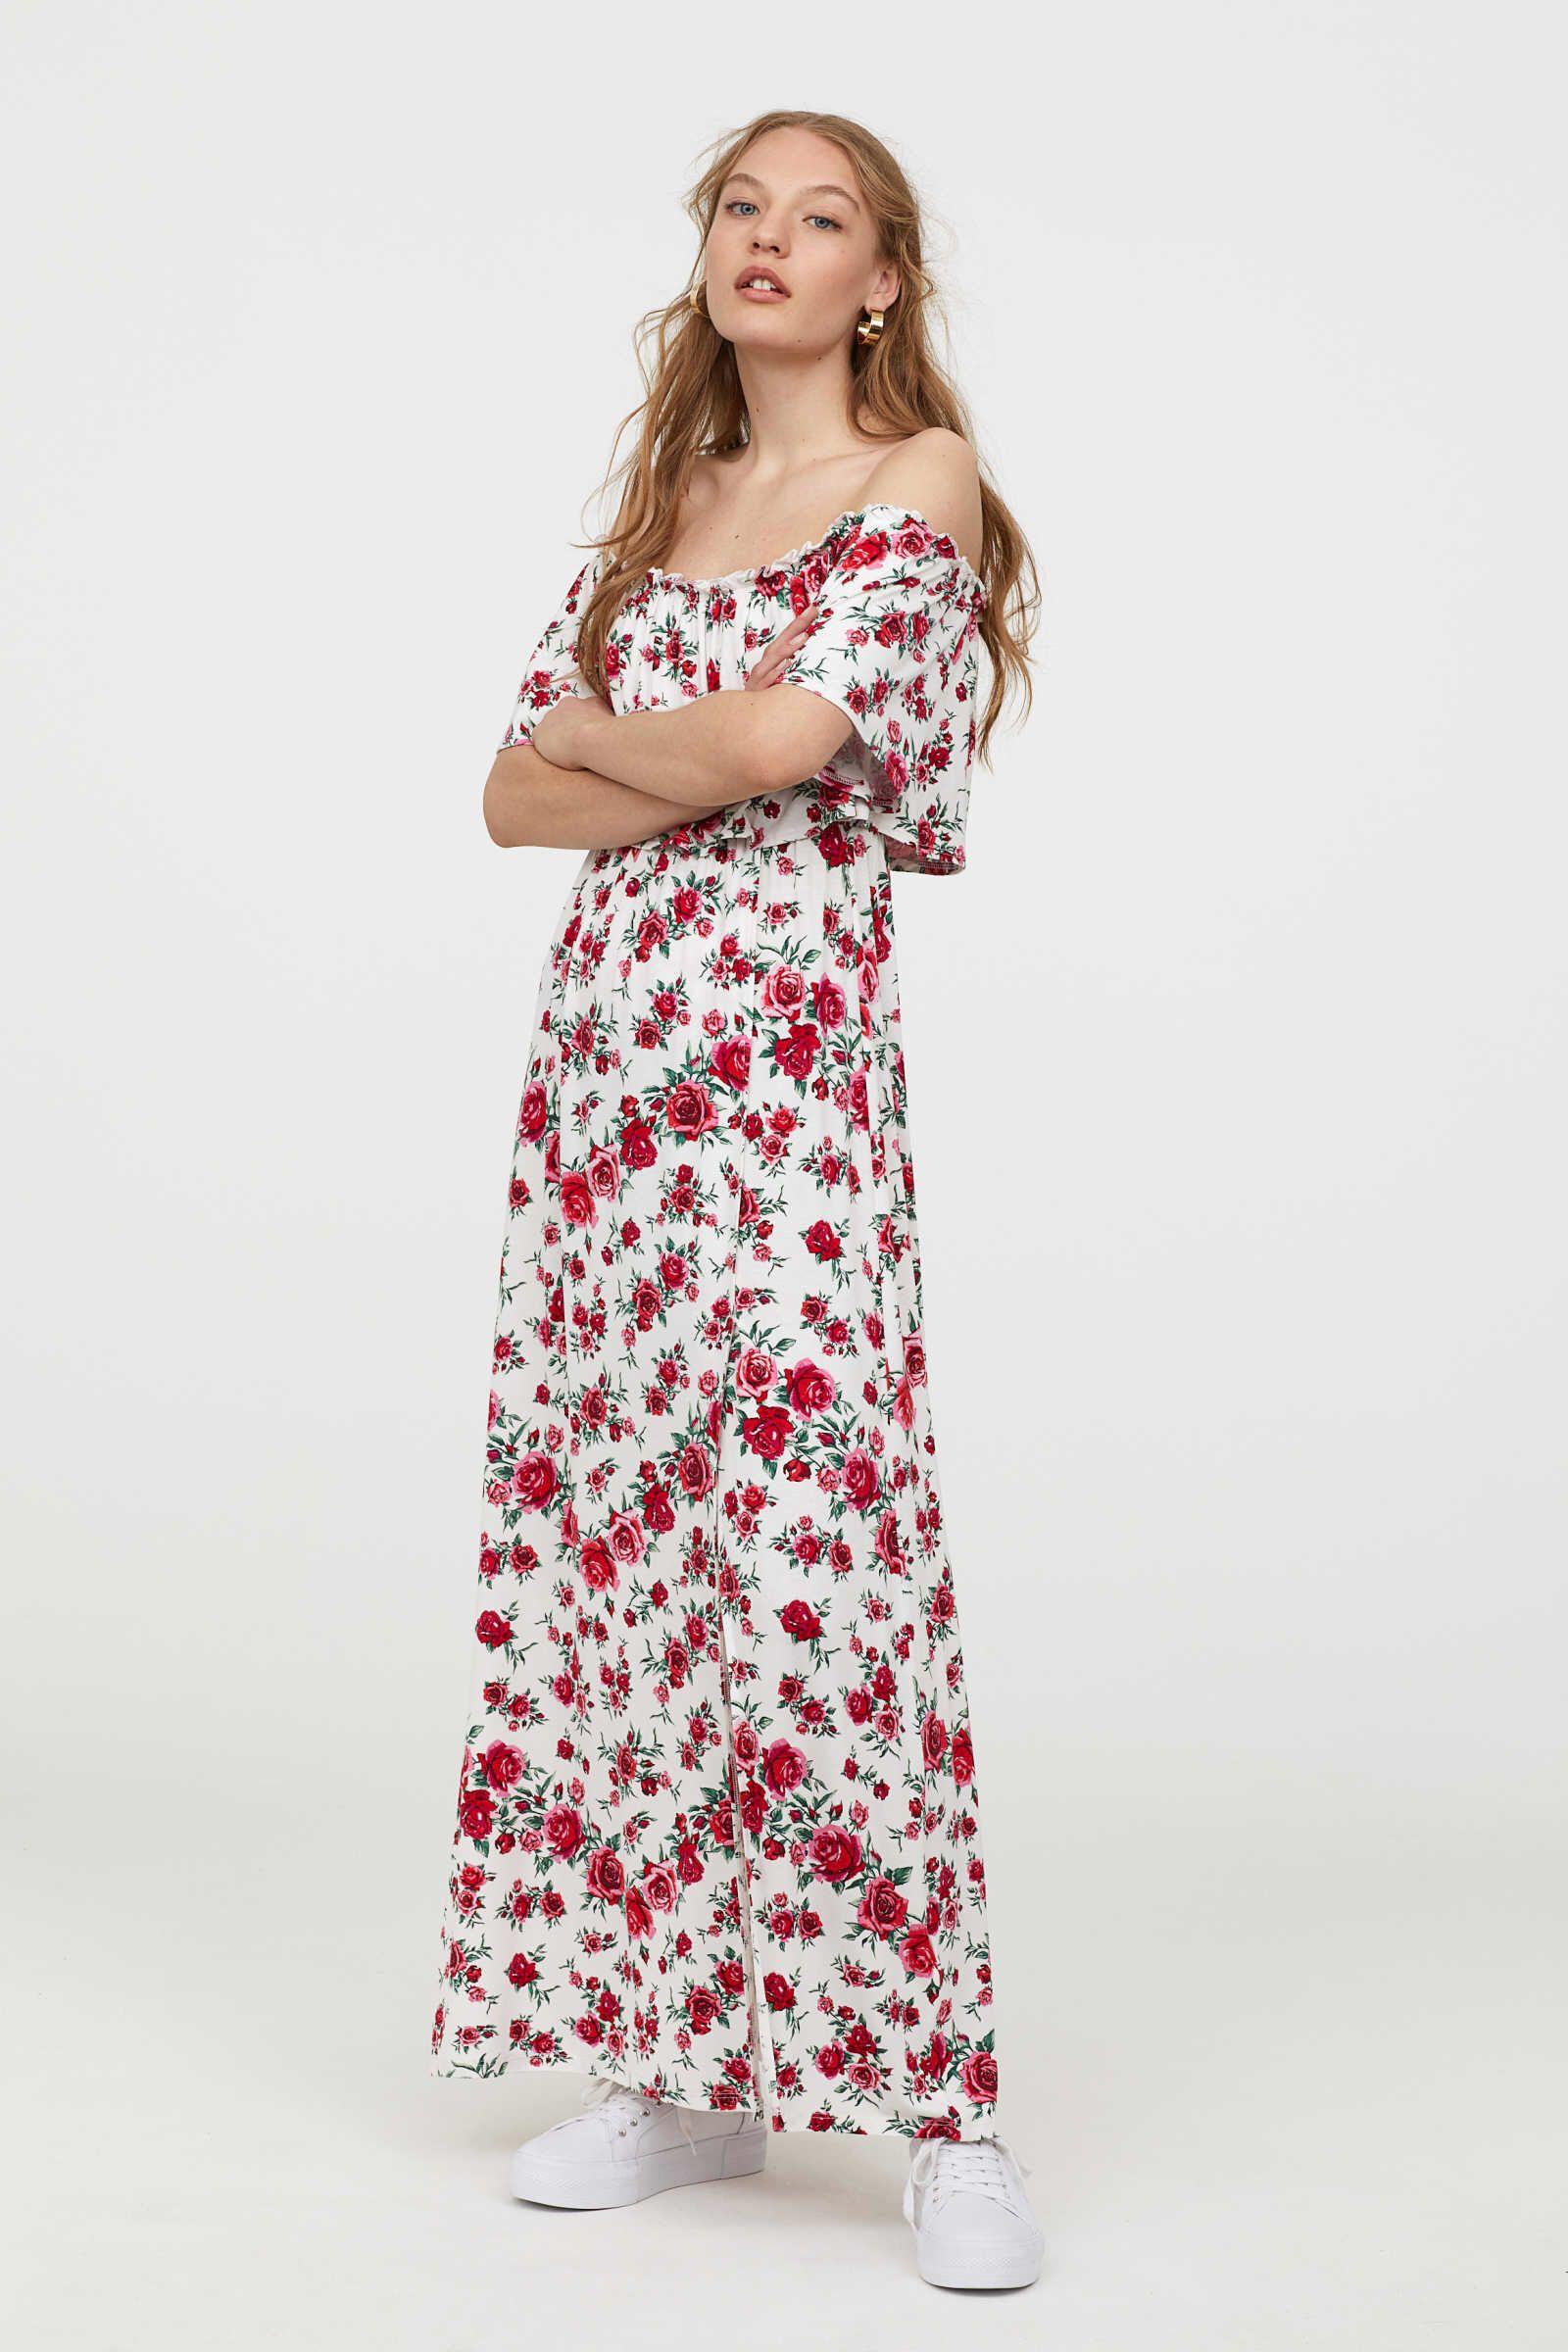 h&m kleid in boho look | sommer kleider, urlaubskleidung